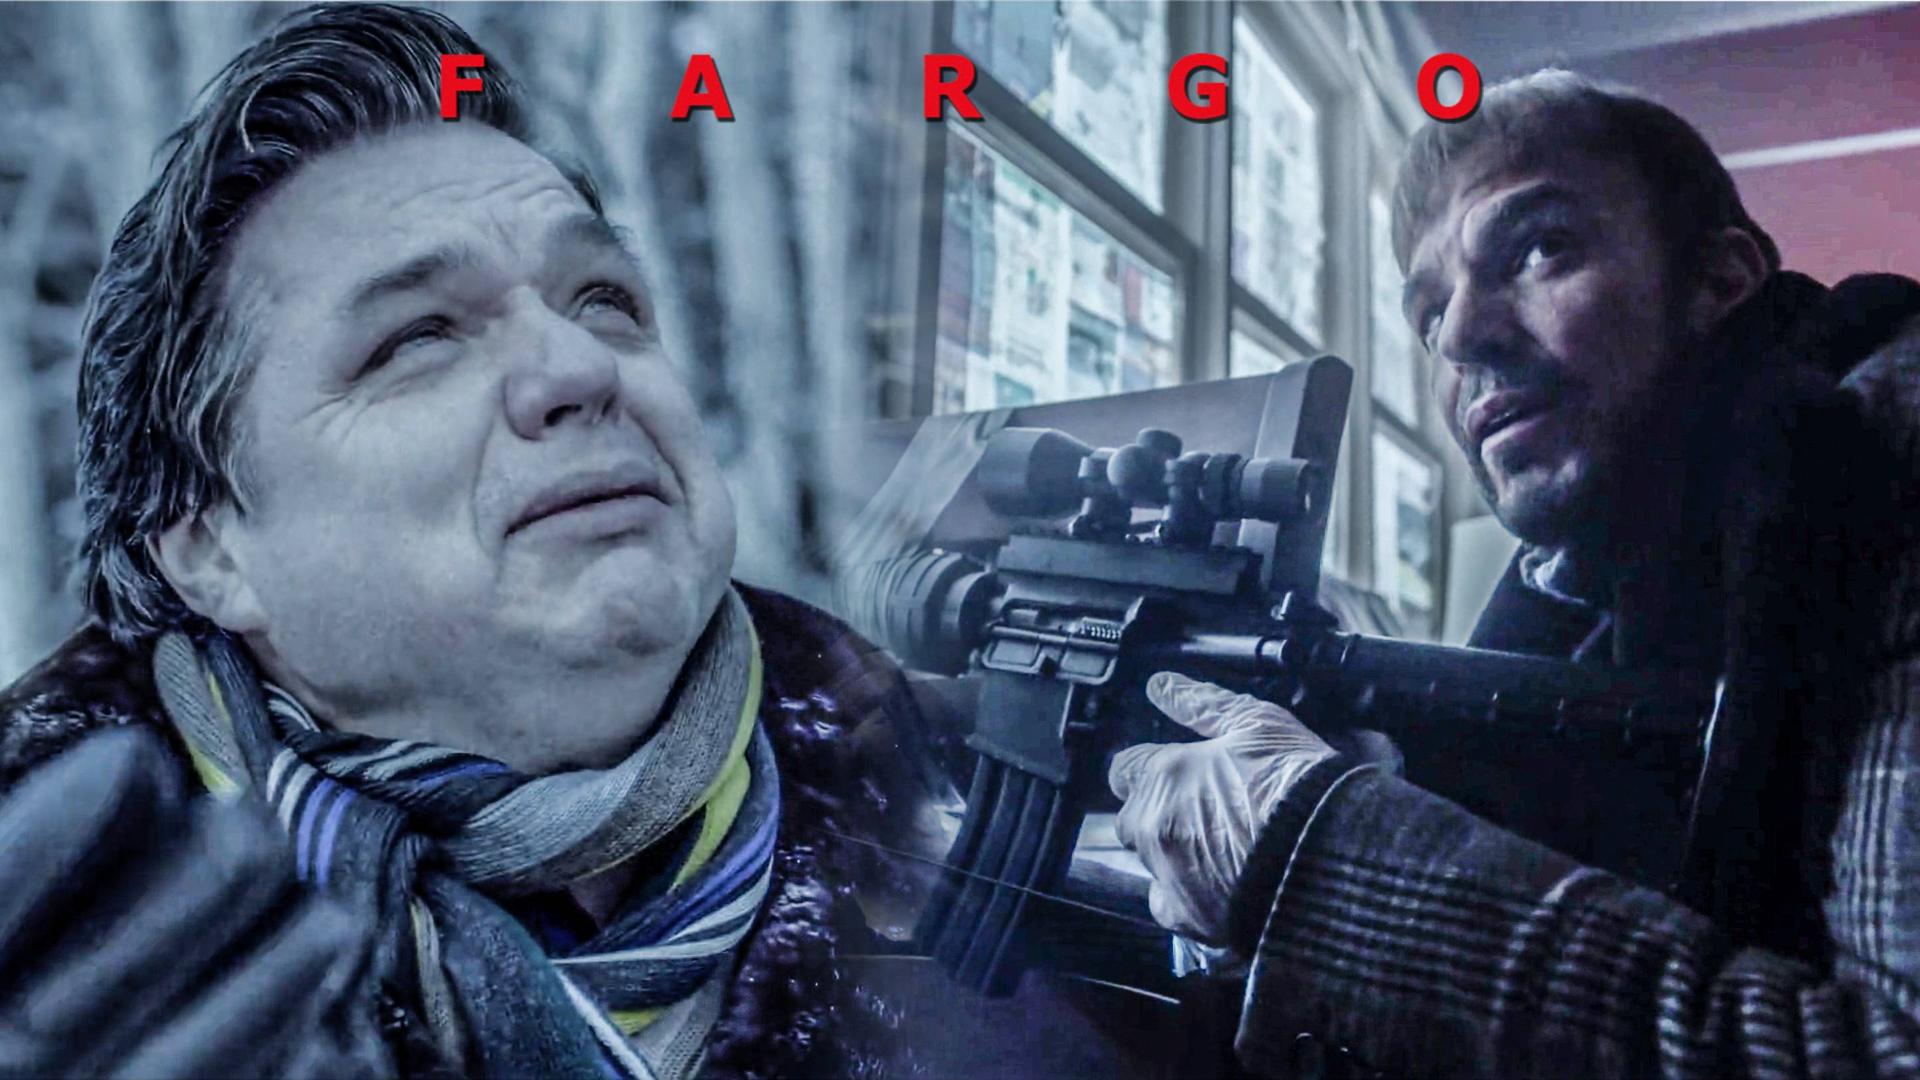 【墨菲】《冰血暴》第一季5期:国王难逃十灾,马尔沃连环虐杀,莱斯特黑化出师